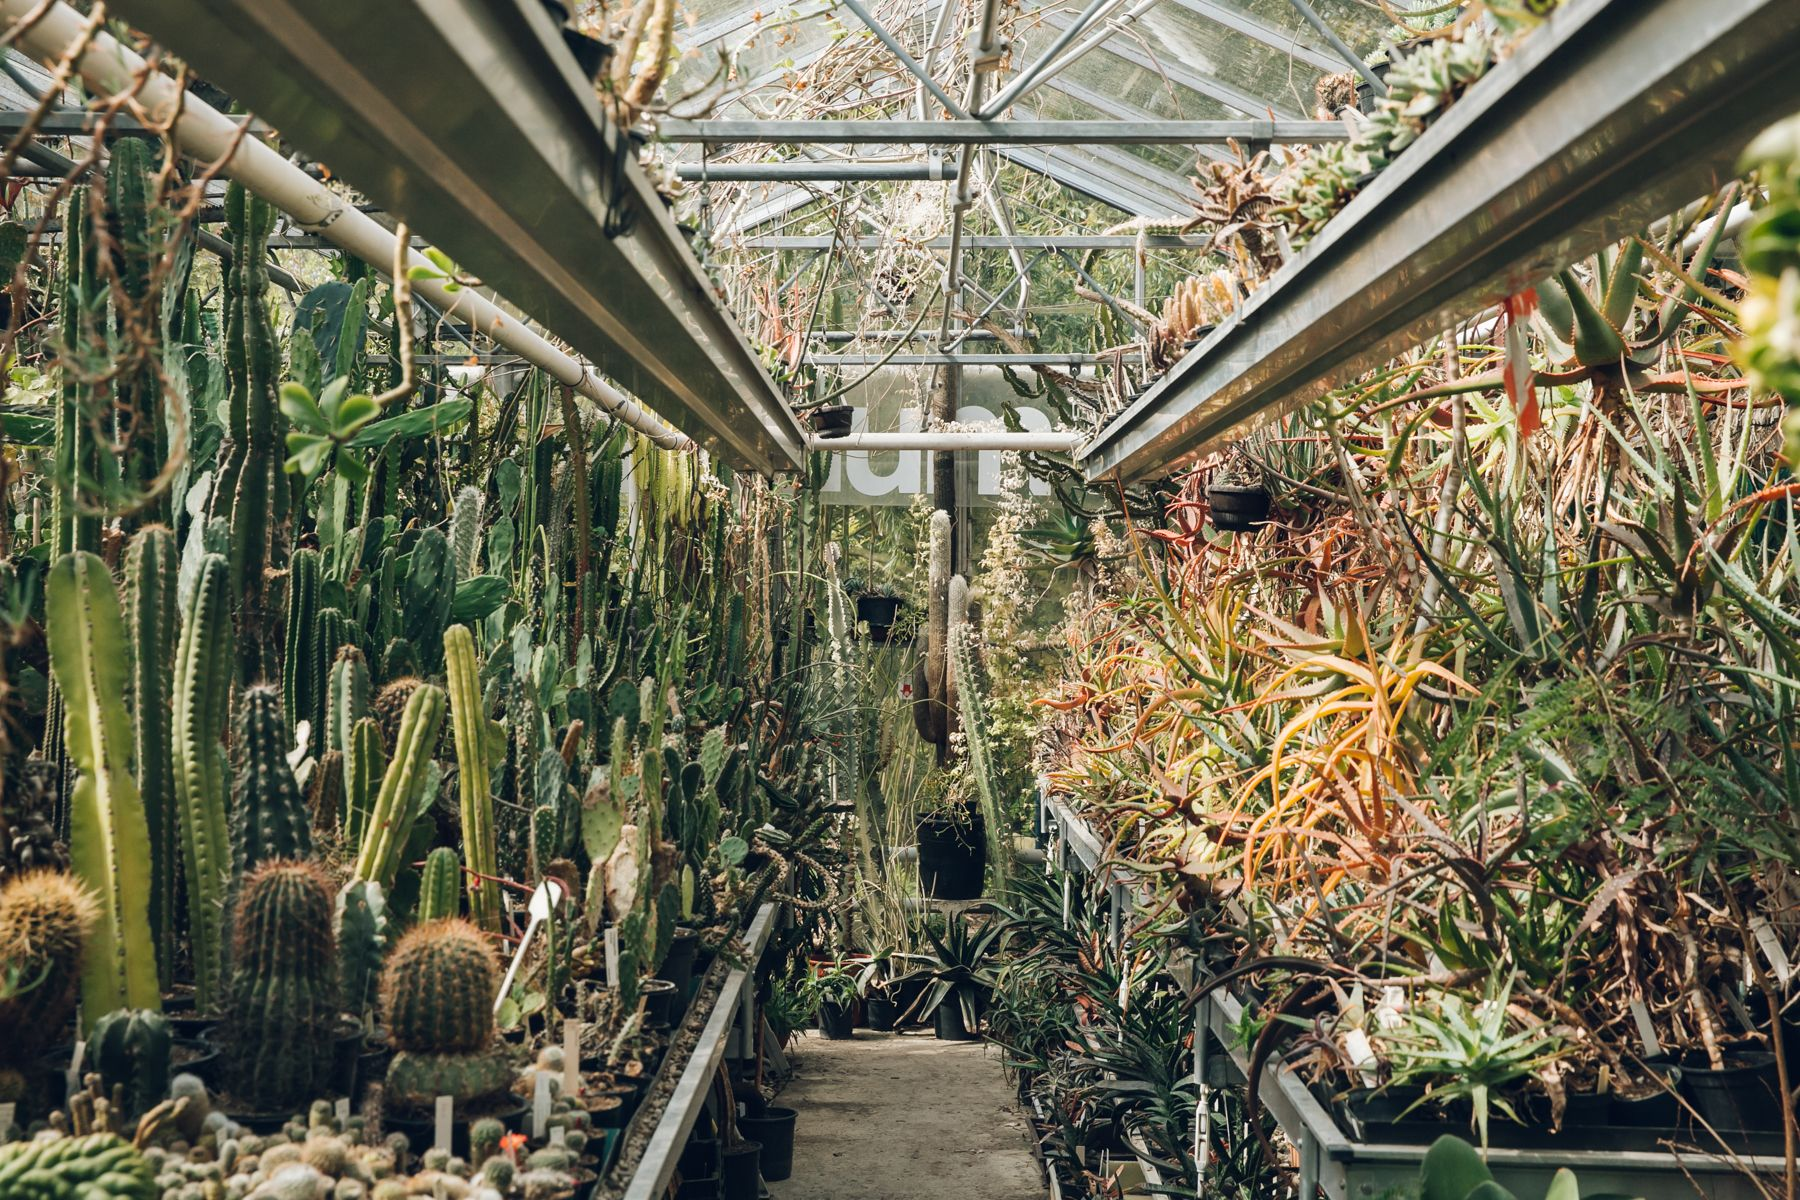 Botanische Tuin Amsterdam : Botanische tuin zuidas u amsterdam greens cactus